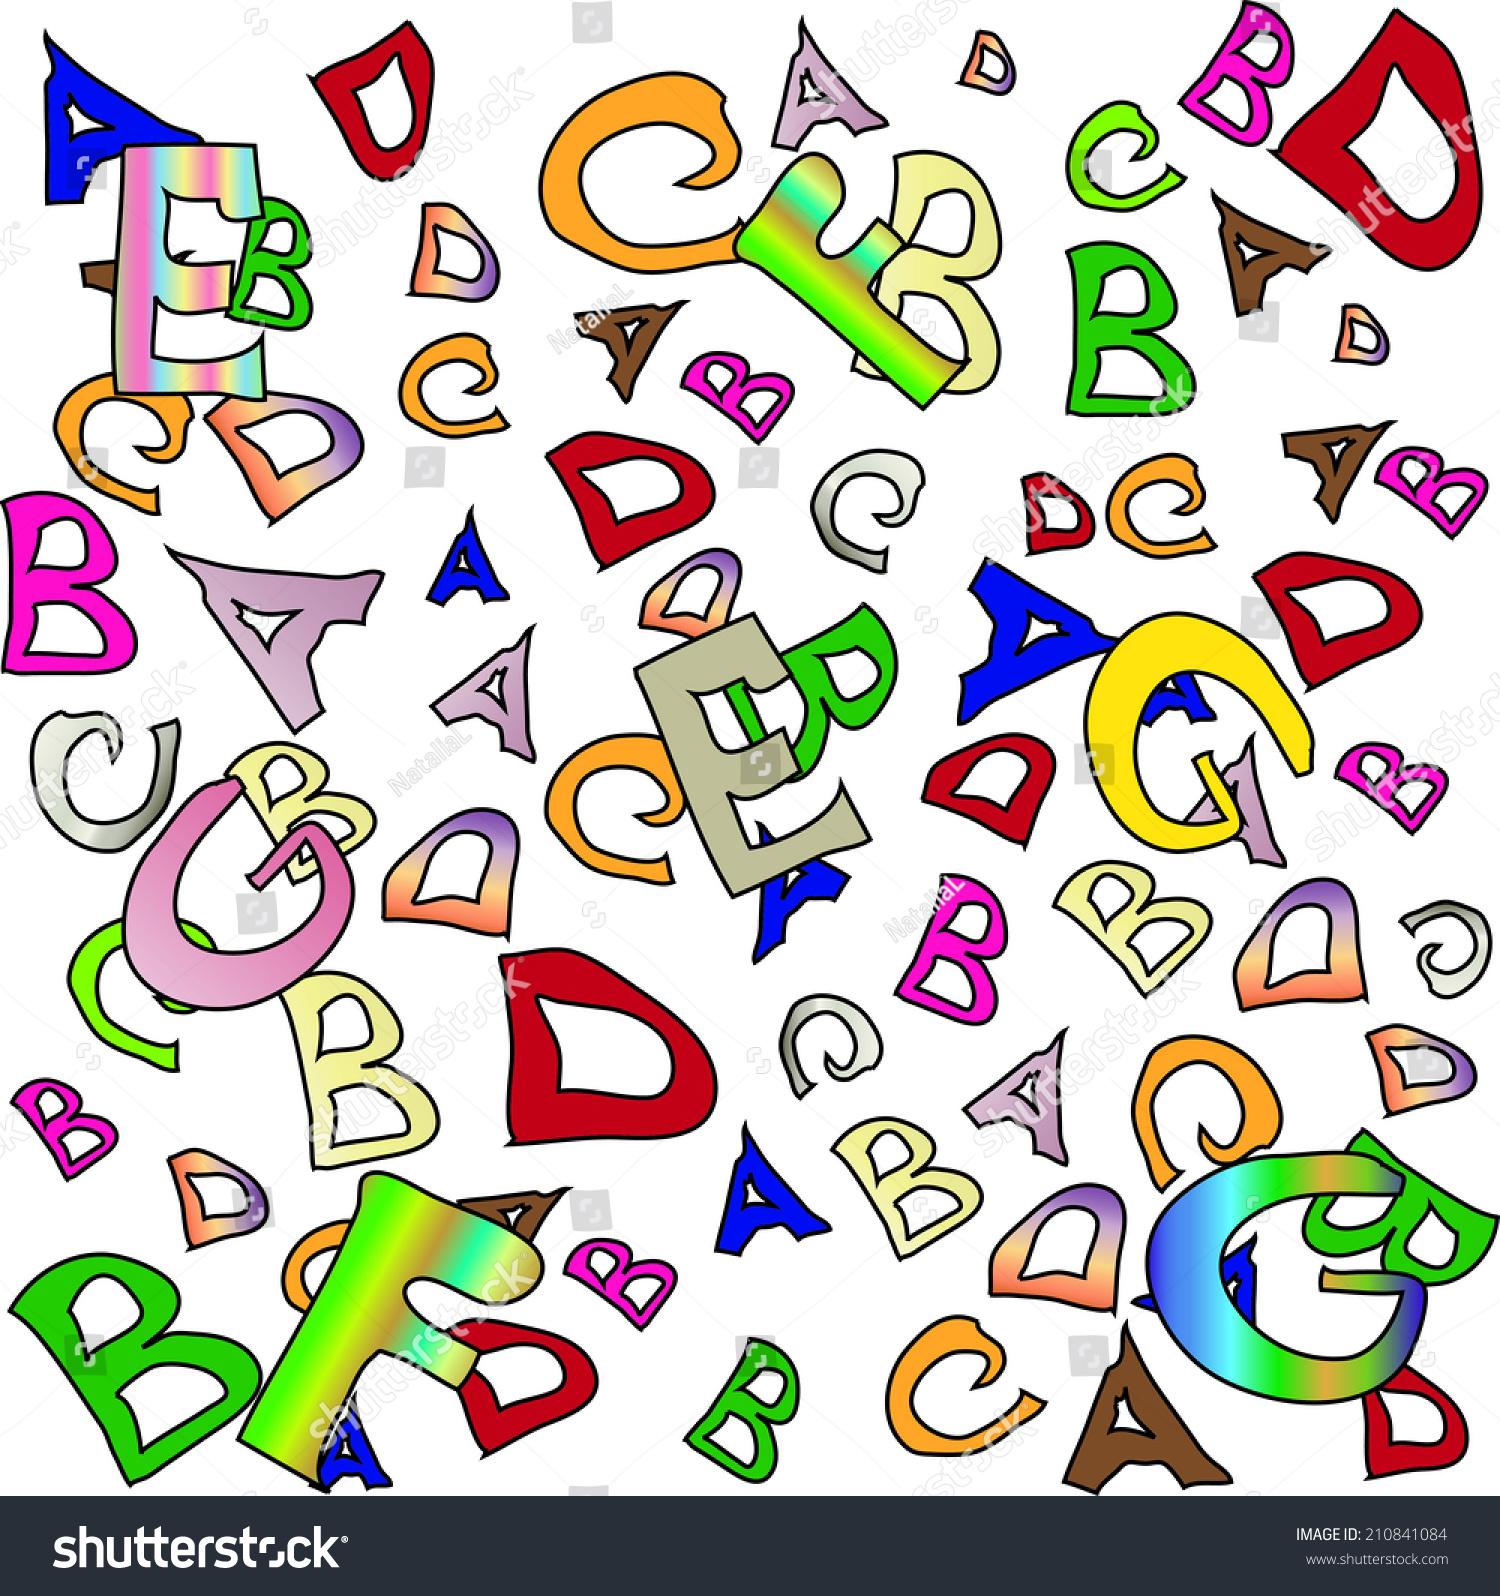 拼贴和五彩缤纷的英文字母-背景/素材